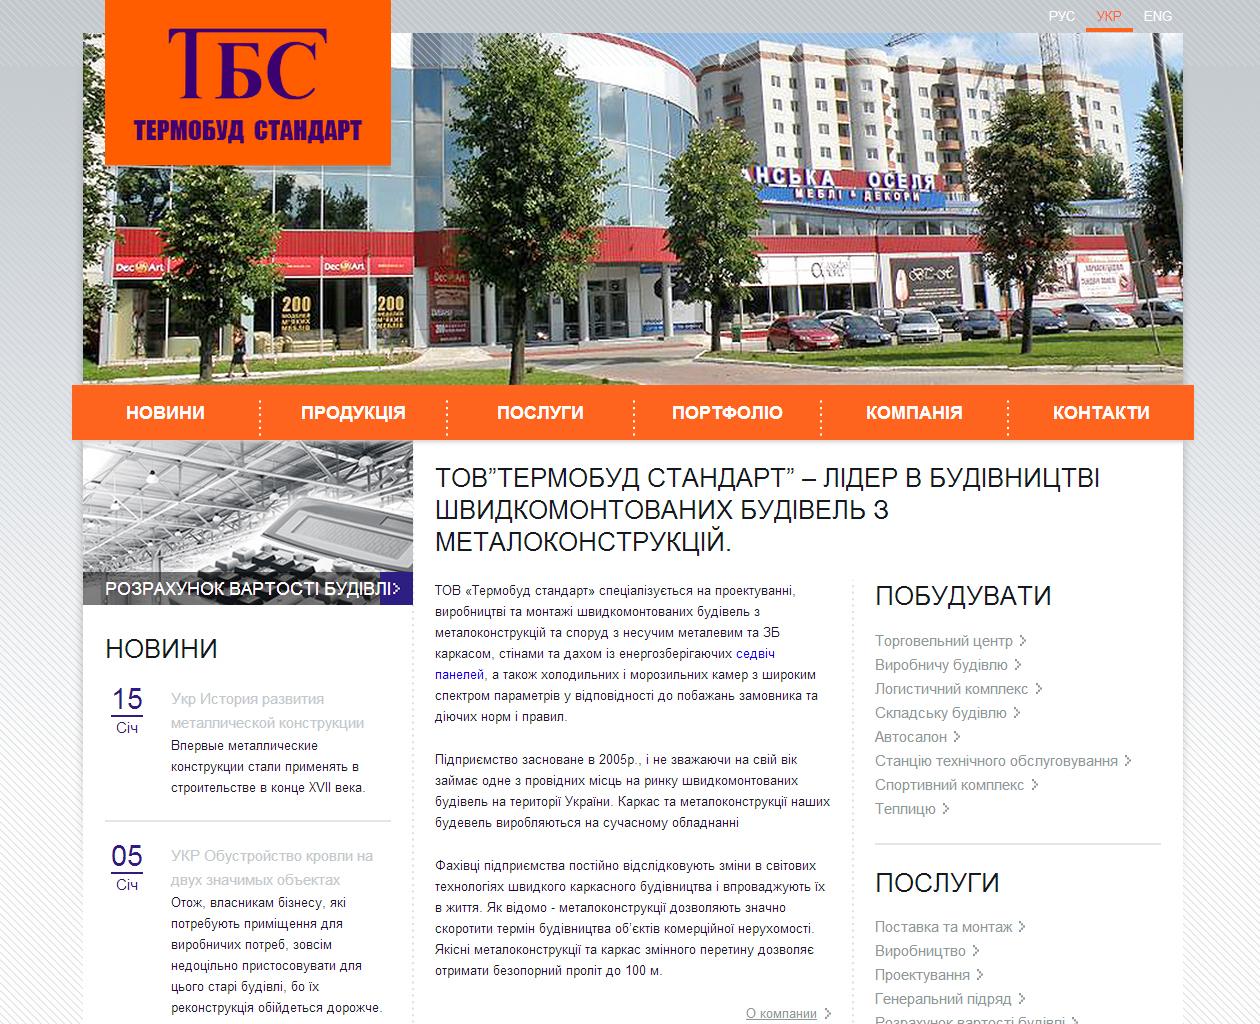 Сайт строительной компании Термобуд Стандарт (Львов)